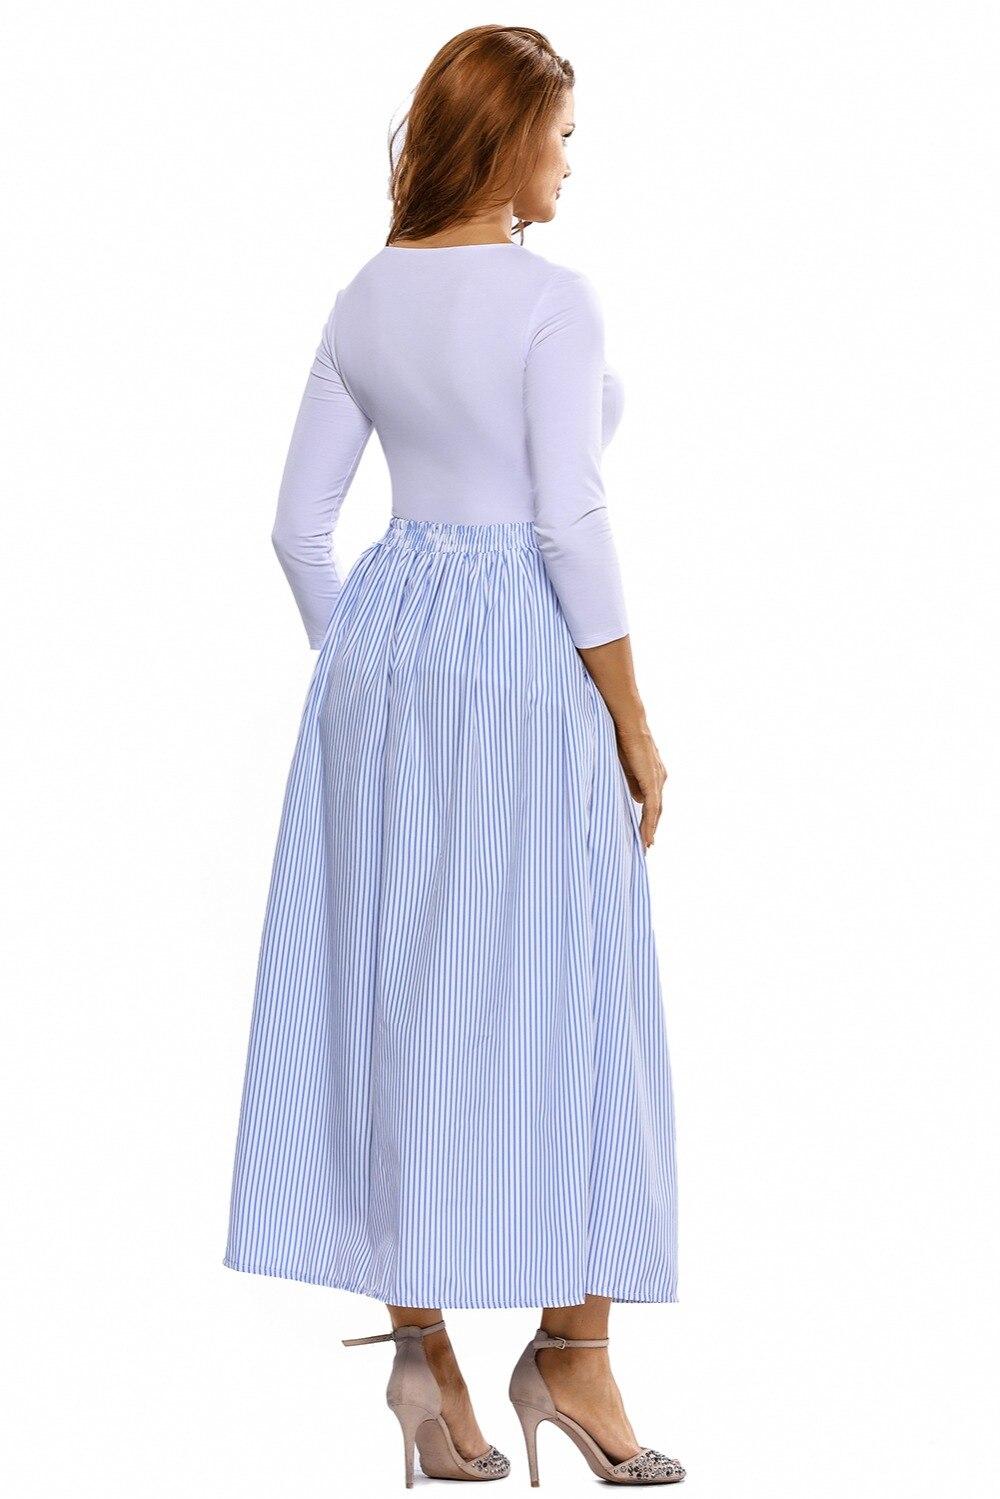 2068a1525fe4b7 2017 vrouwen meisje zomer herfst kleding pak sets blauw witte strepen knop  front maxi rok vintage rokken faldas saia in 2017 vrouwen meisje zomer  herfst ...